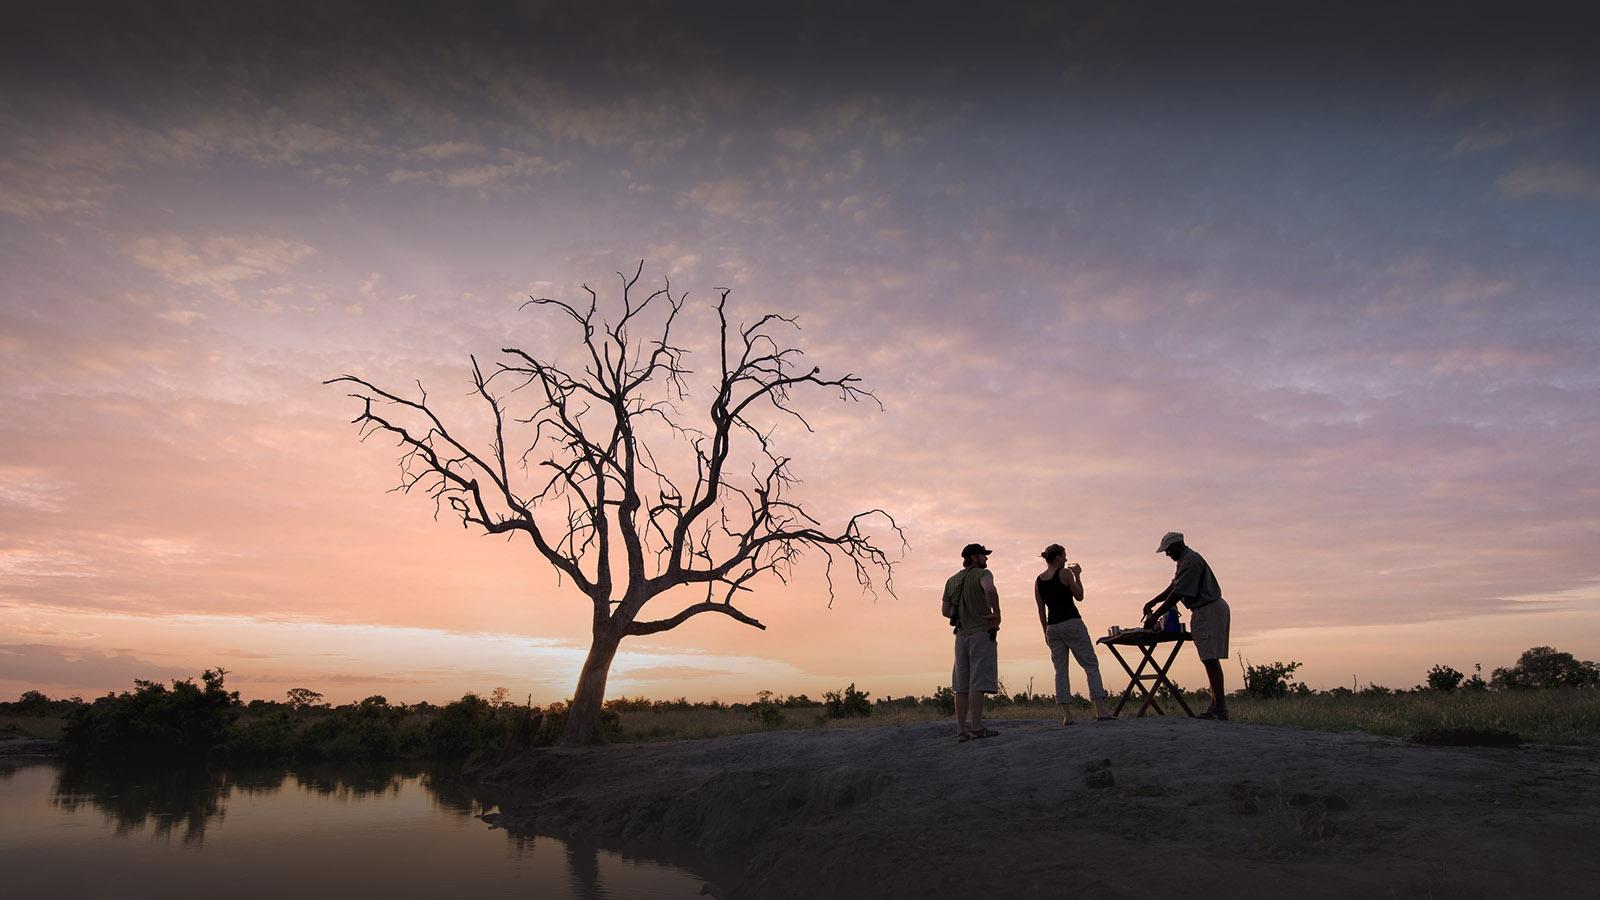 somalisa camp zimbabwe-lodges-zambia-in-style-safaris-wildlife-africa-hwange-national-park-drinks